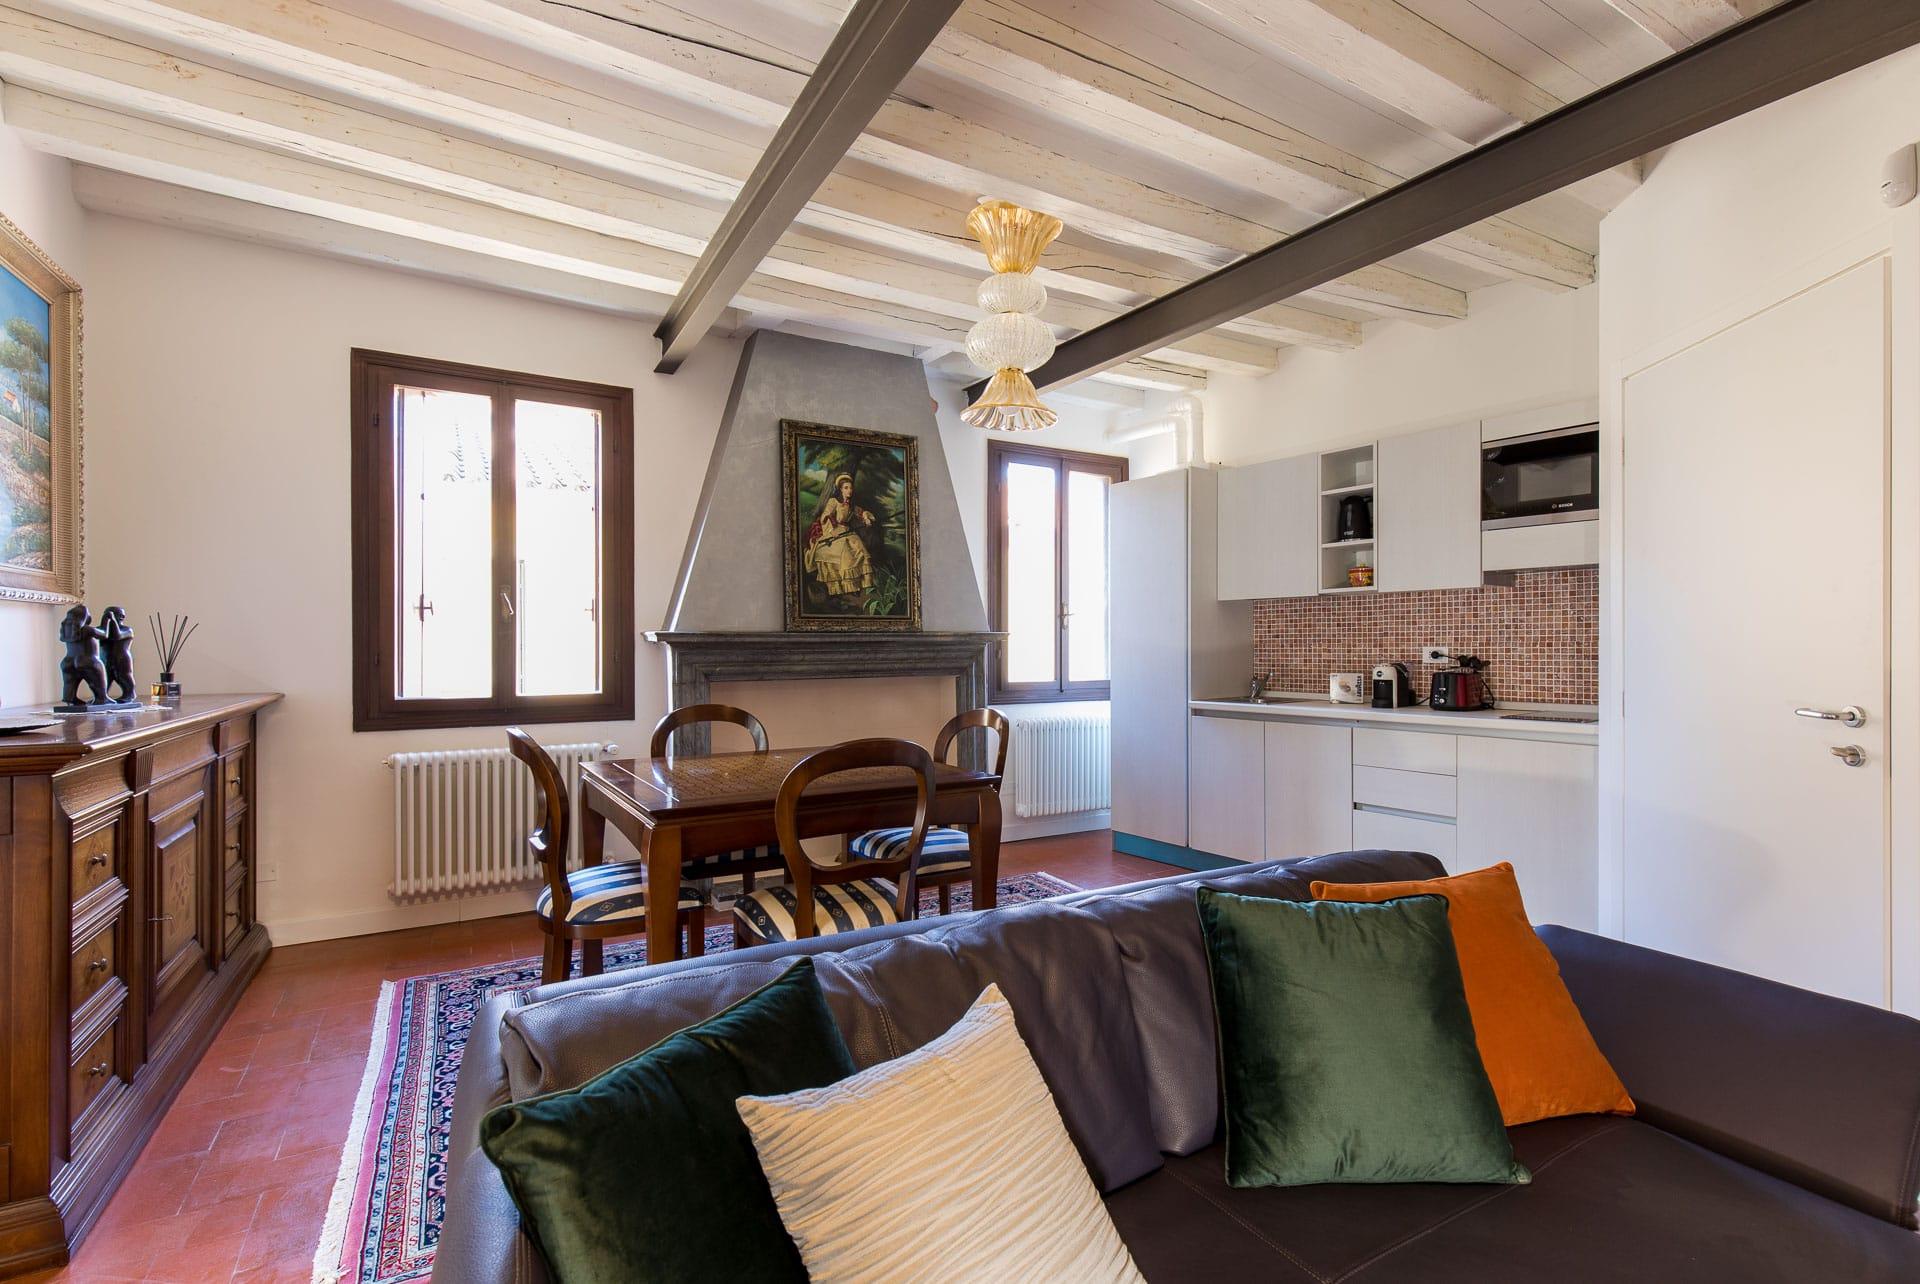 Home residenza vescovado for Appartamenti arredati in affitto a vicenza